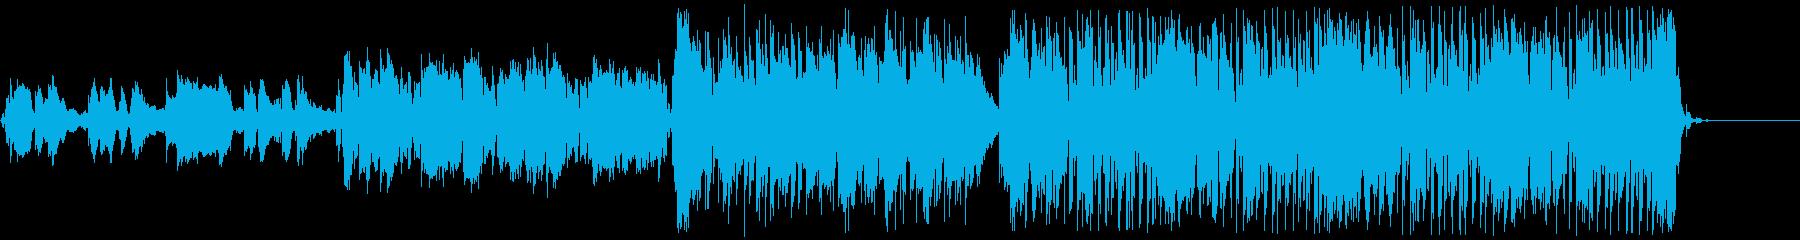 勝手に身体が動くElectro popの再生済みの波形